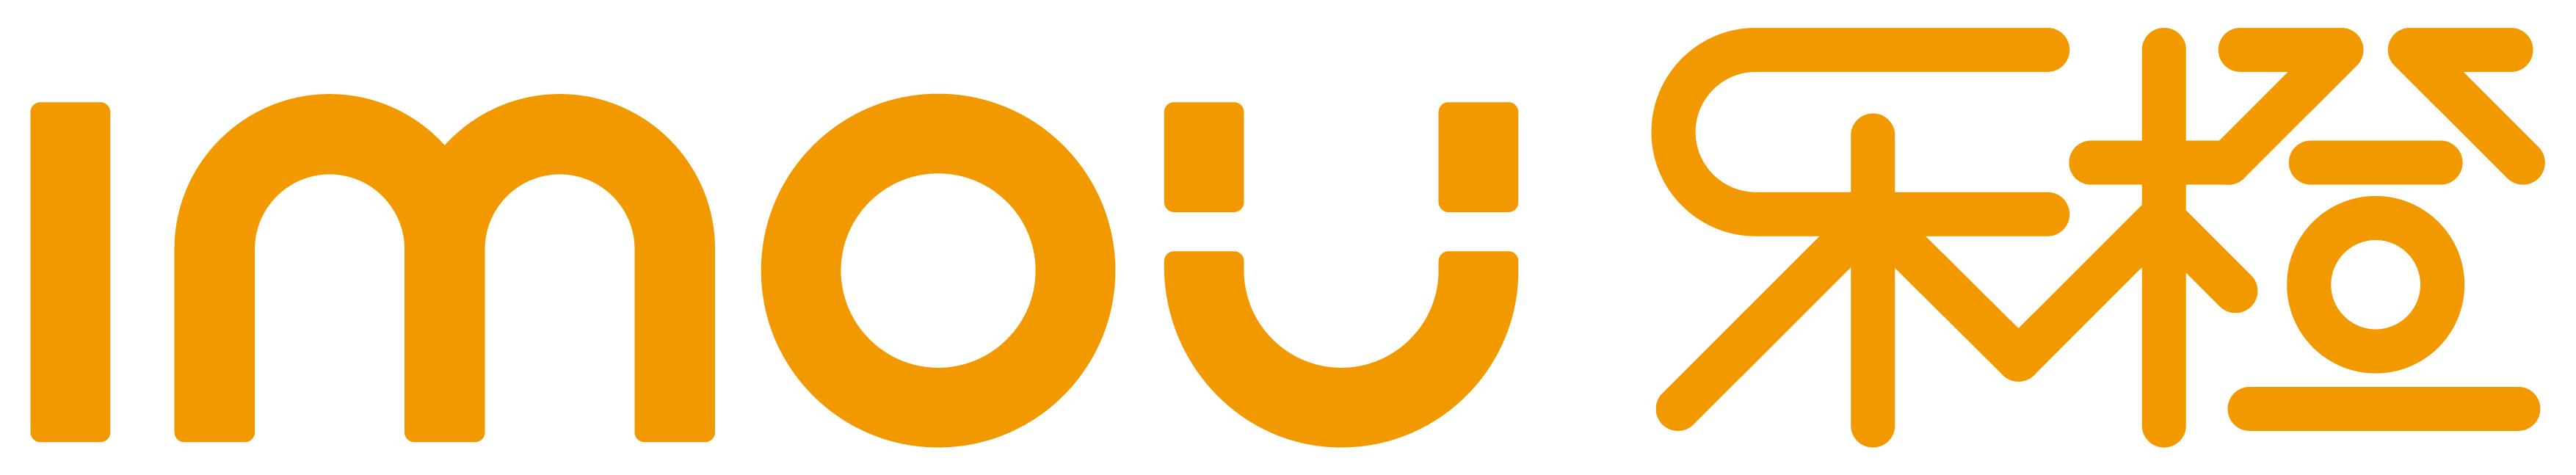 """杭州华橙网络科技有限公司参评""""维科杯·OFweek2019中国物联网行业最受欢迎开发平台奖"""""""